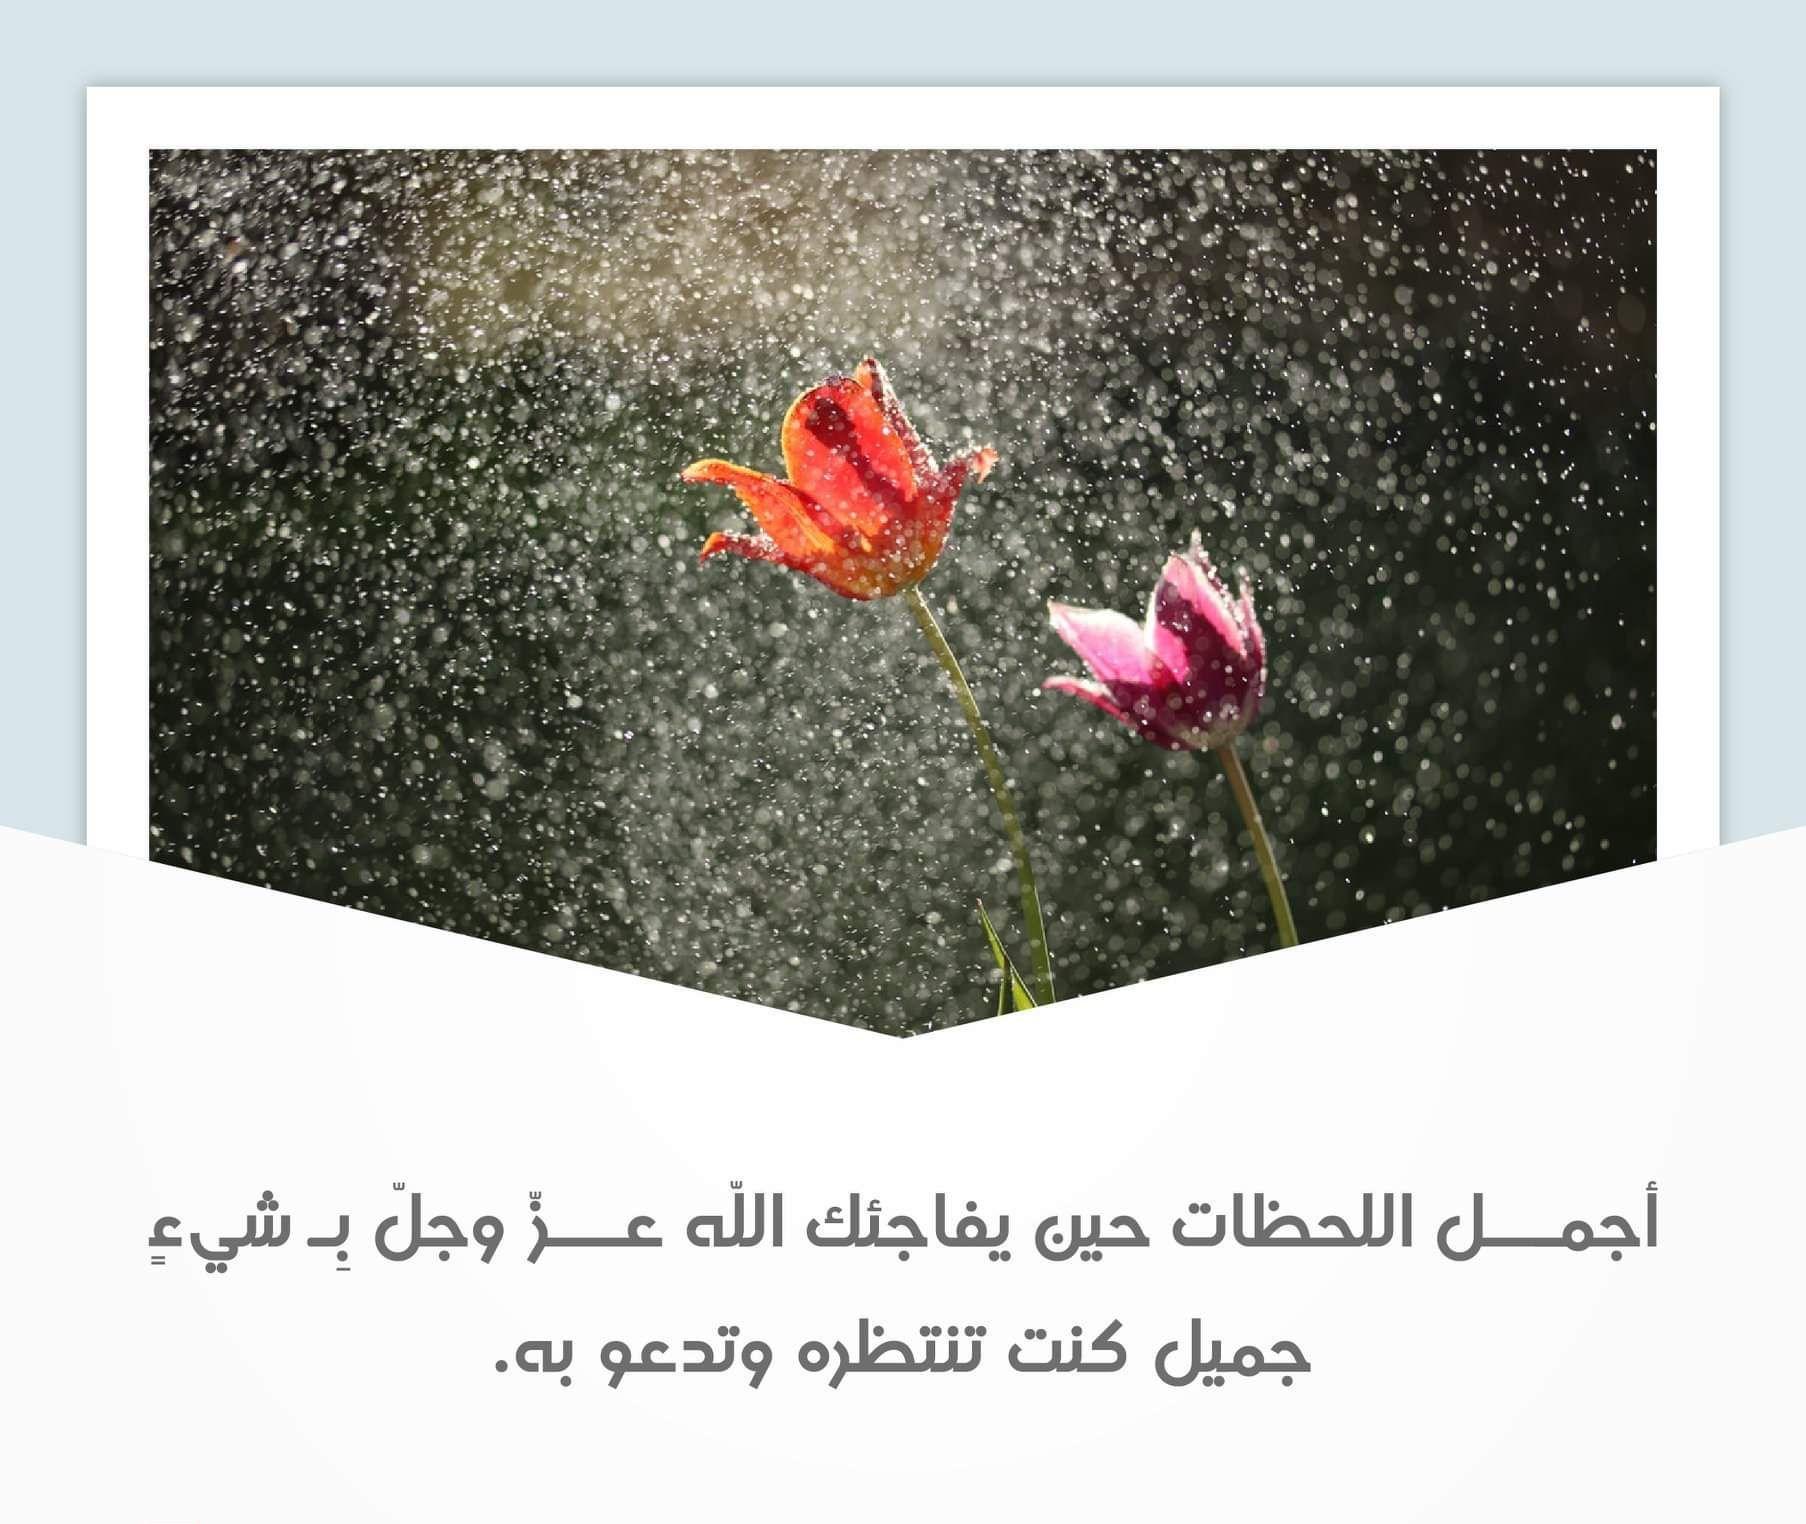 خواطر دينية قصيرة مزخرفة Words Quotes Cover Photo Quotes Study Motivation Inspiration